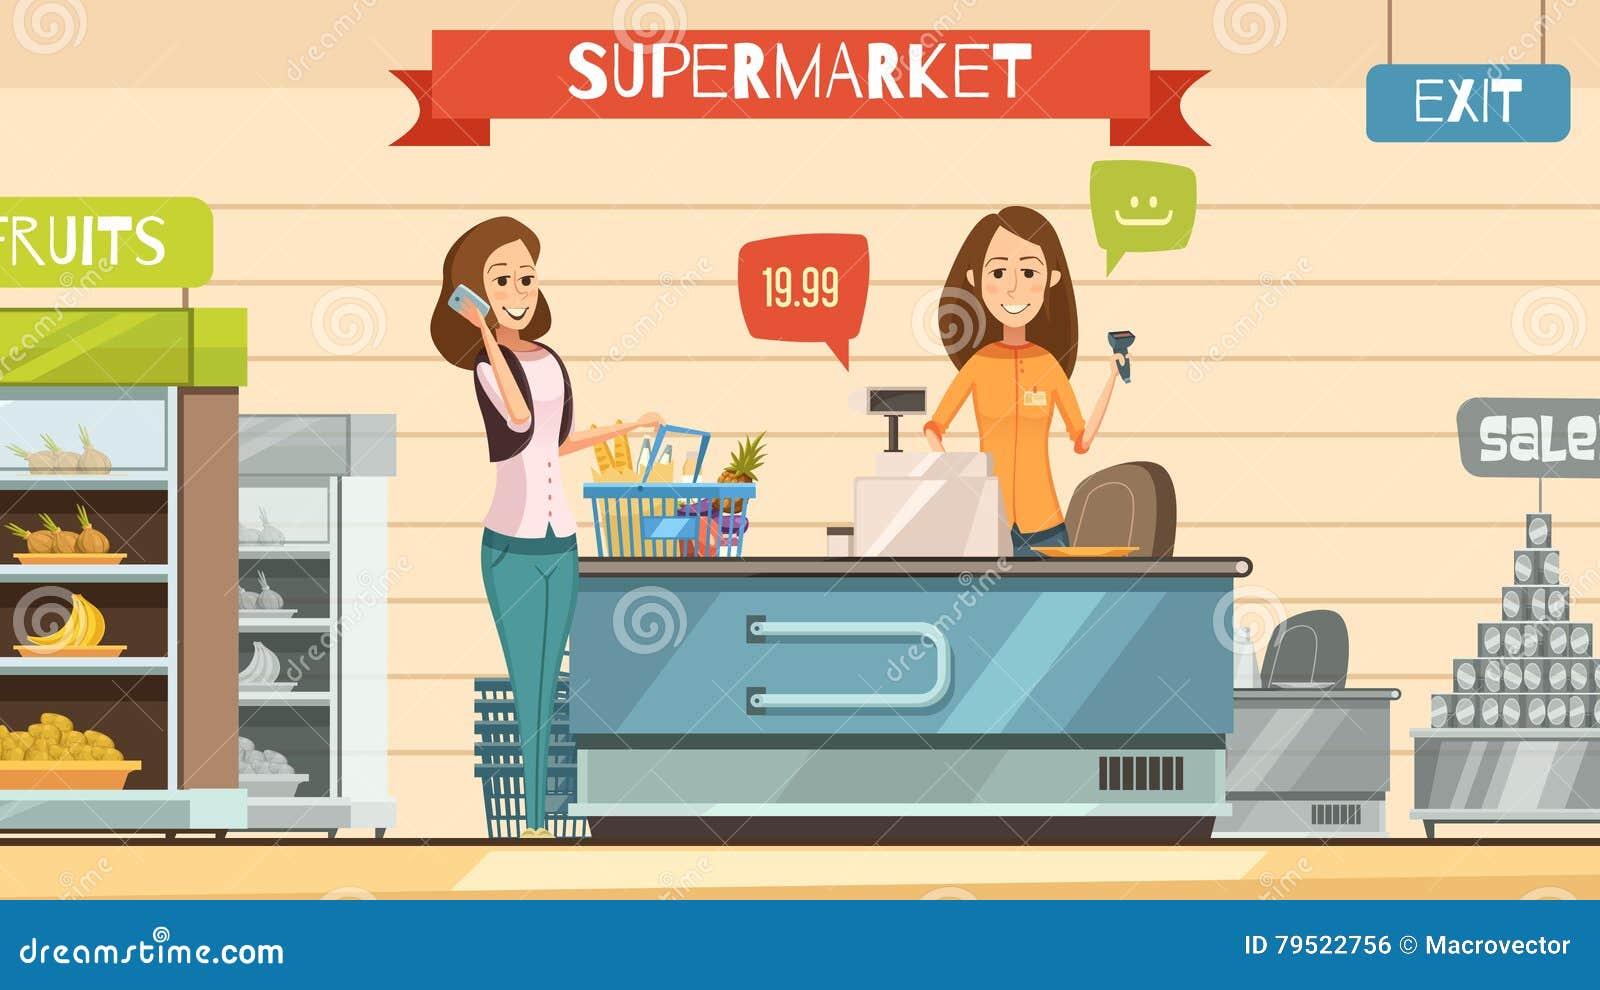 Cashier Cartoons: Supermarket Cashier At Register Retro Cartoon Poster Stock